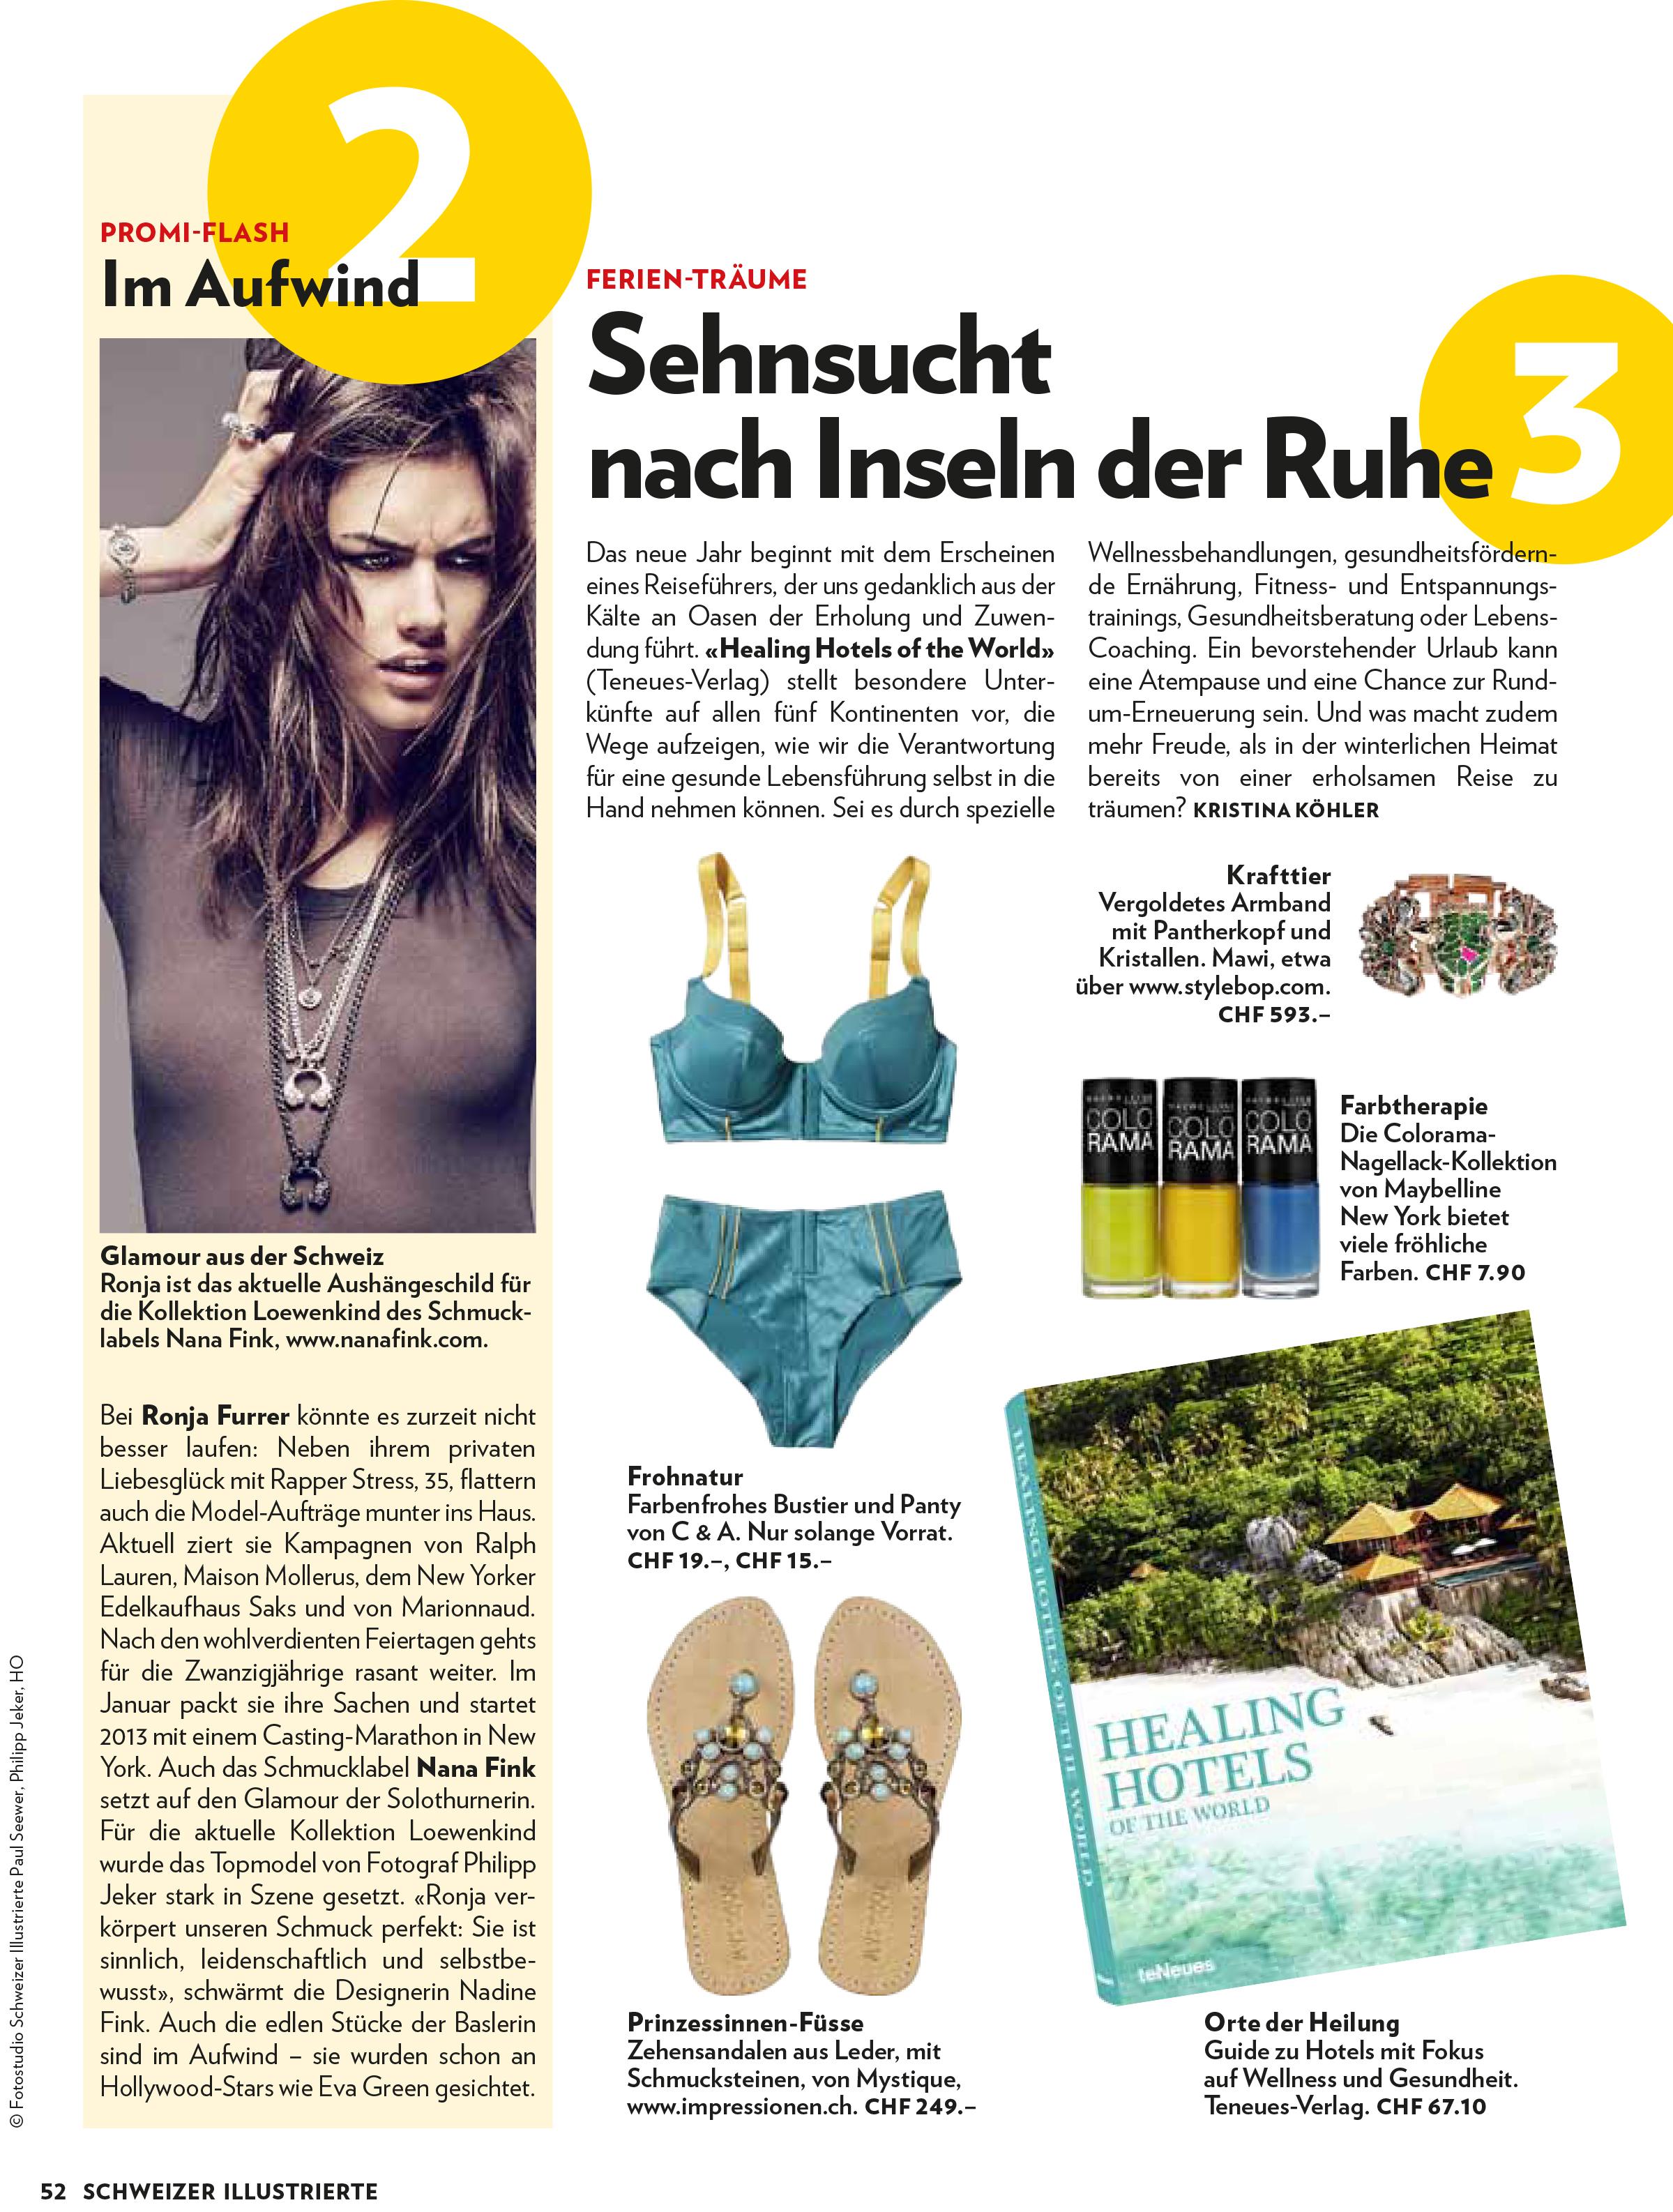 Schweizer Illustrierte, Januar 2013